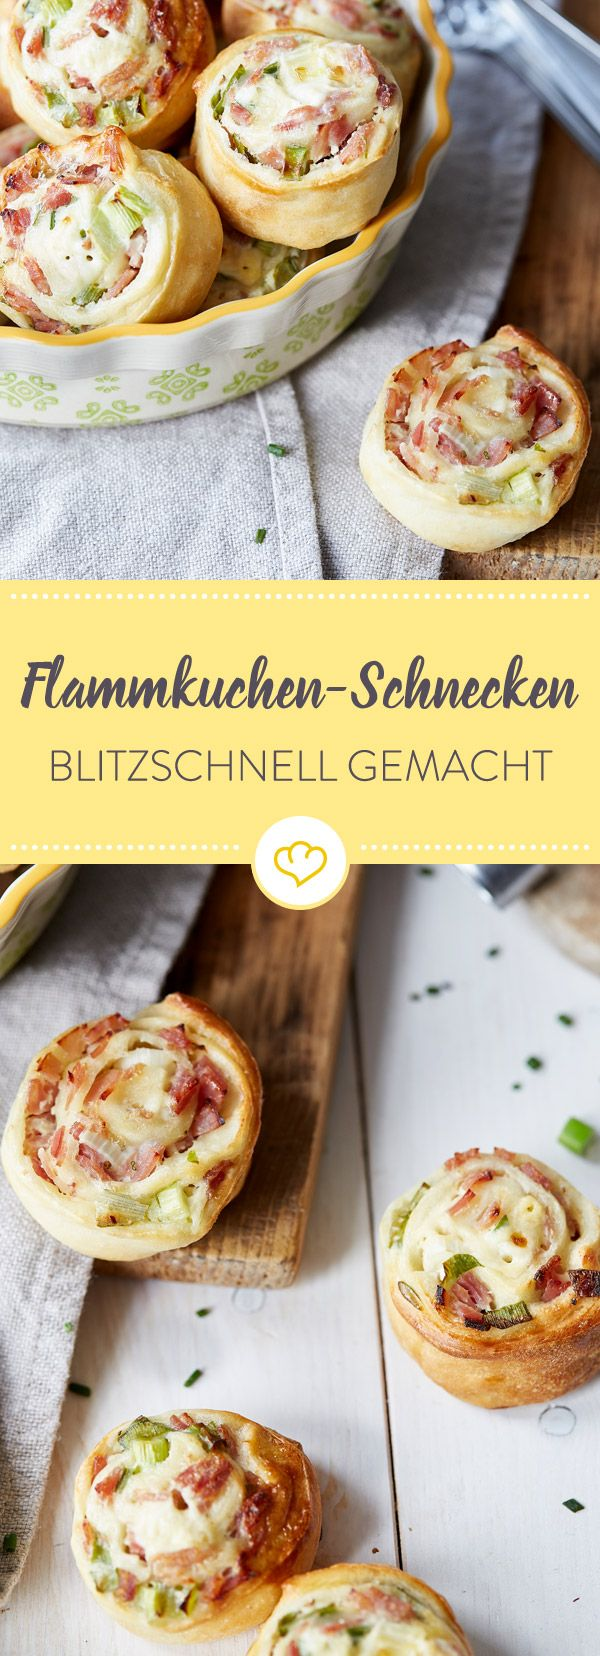 Photo of Blitzschnelle Flammkuchen-Schnecken